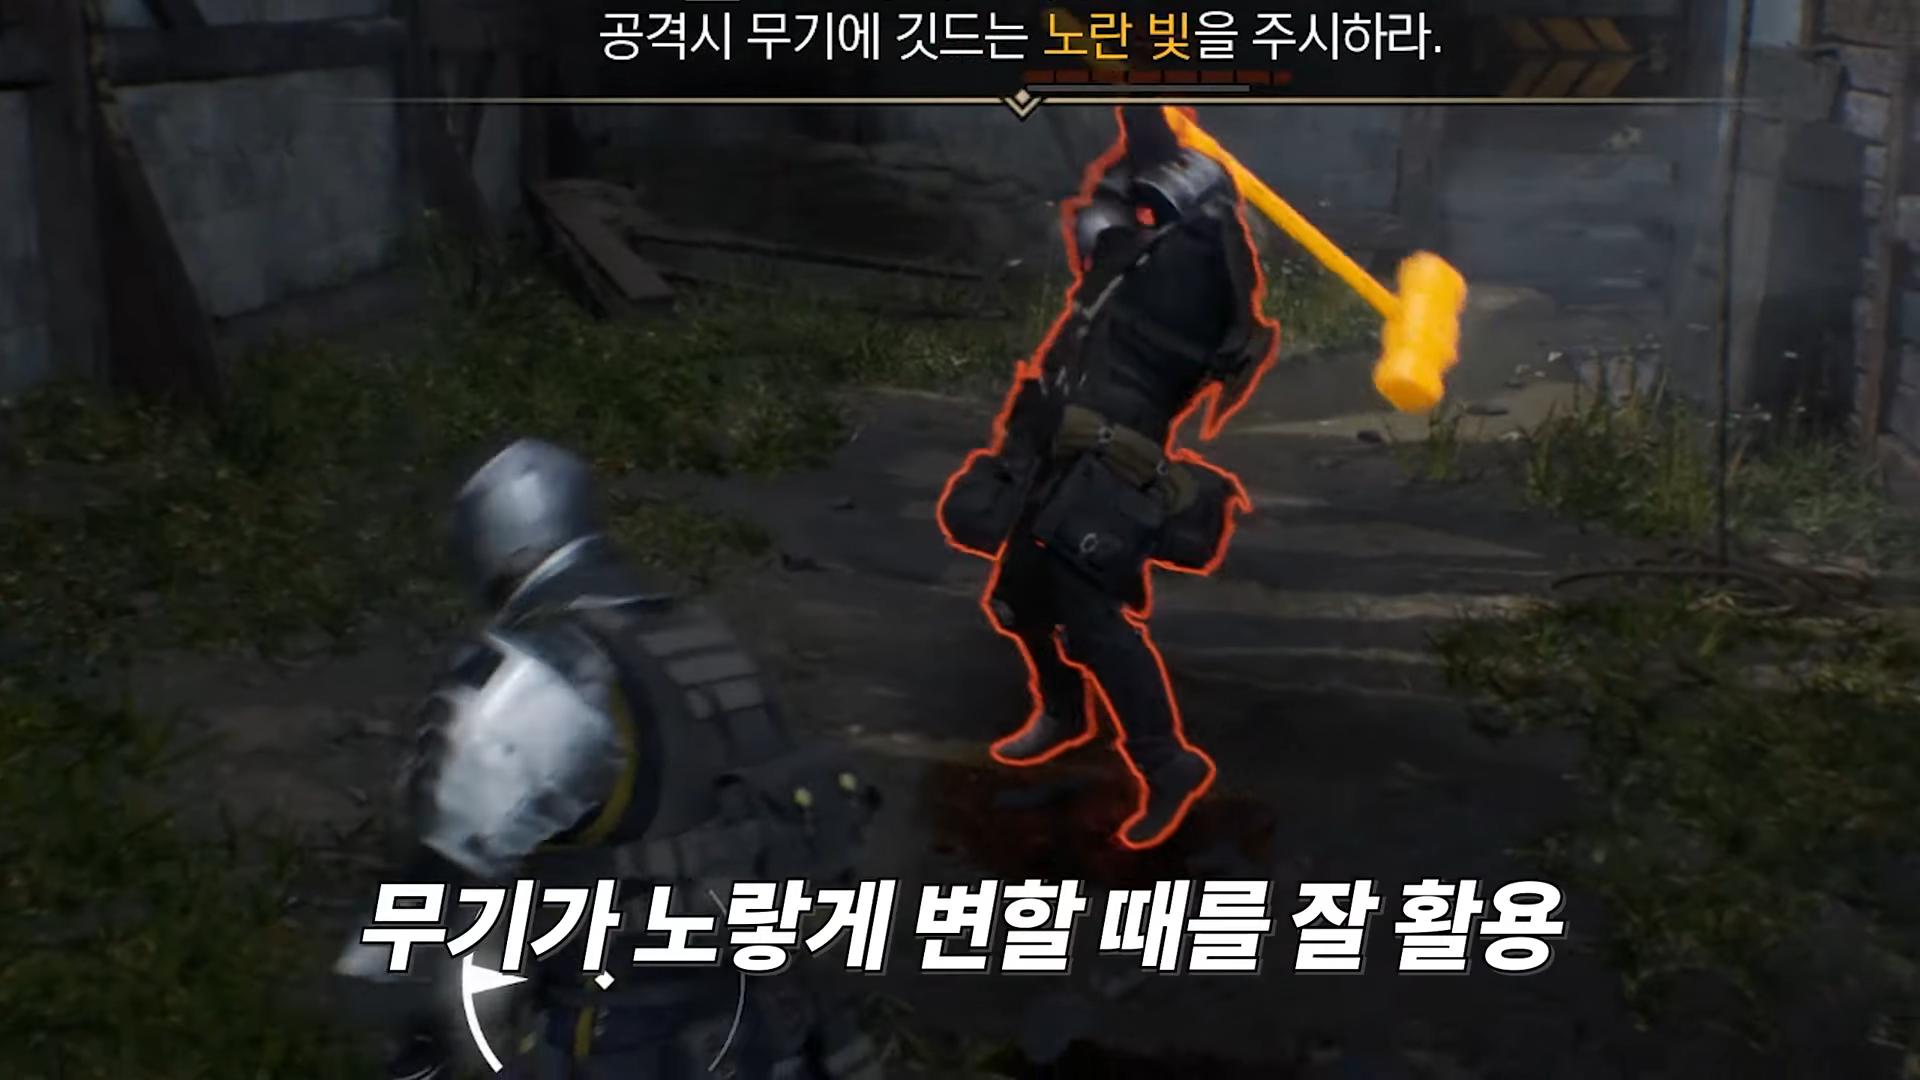 [프로젝트 HP (가제)] 디렉터 플레이 영상 1부 (HP 및 캐릭터 소개) 13-29 screenshot.png